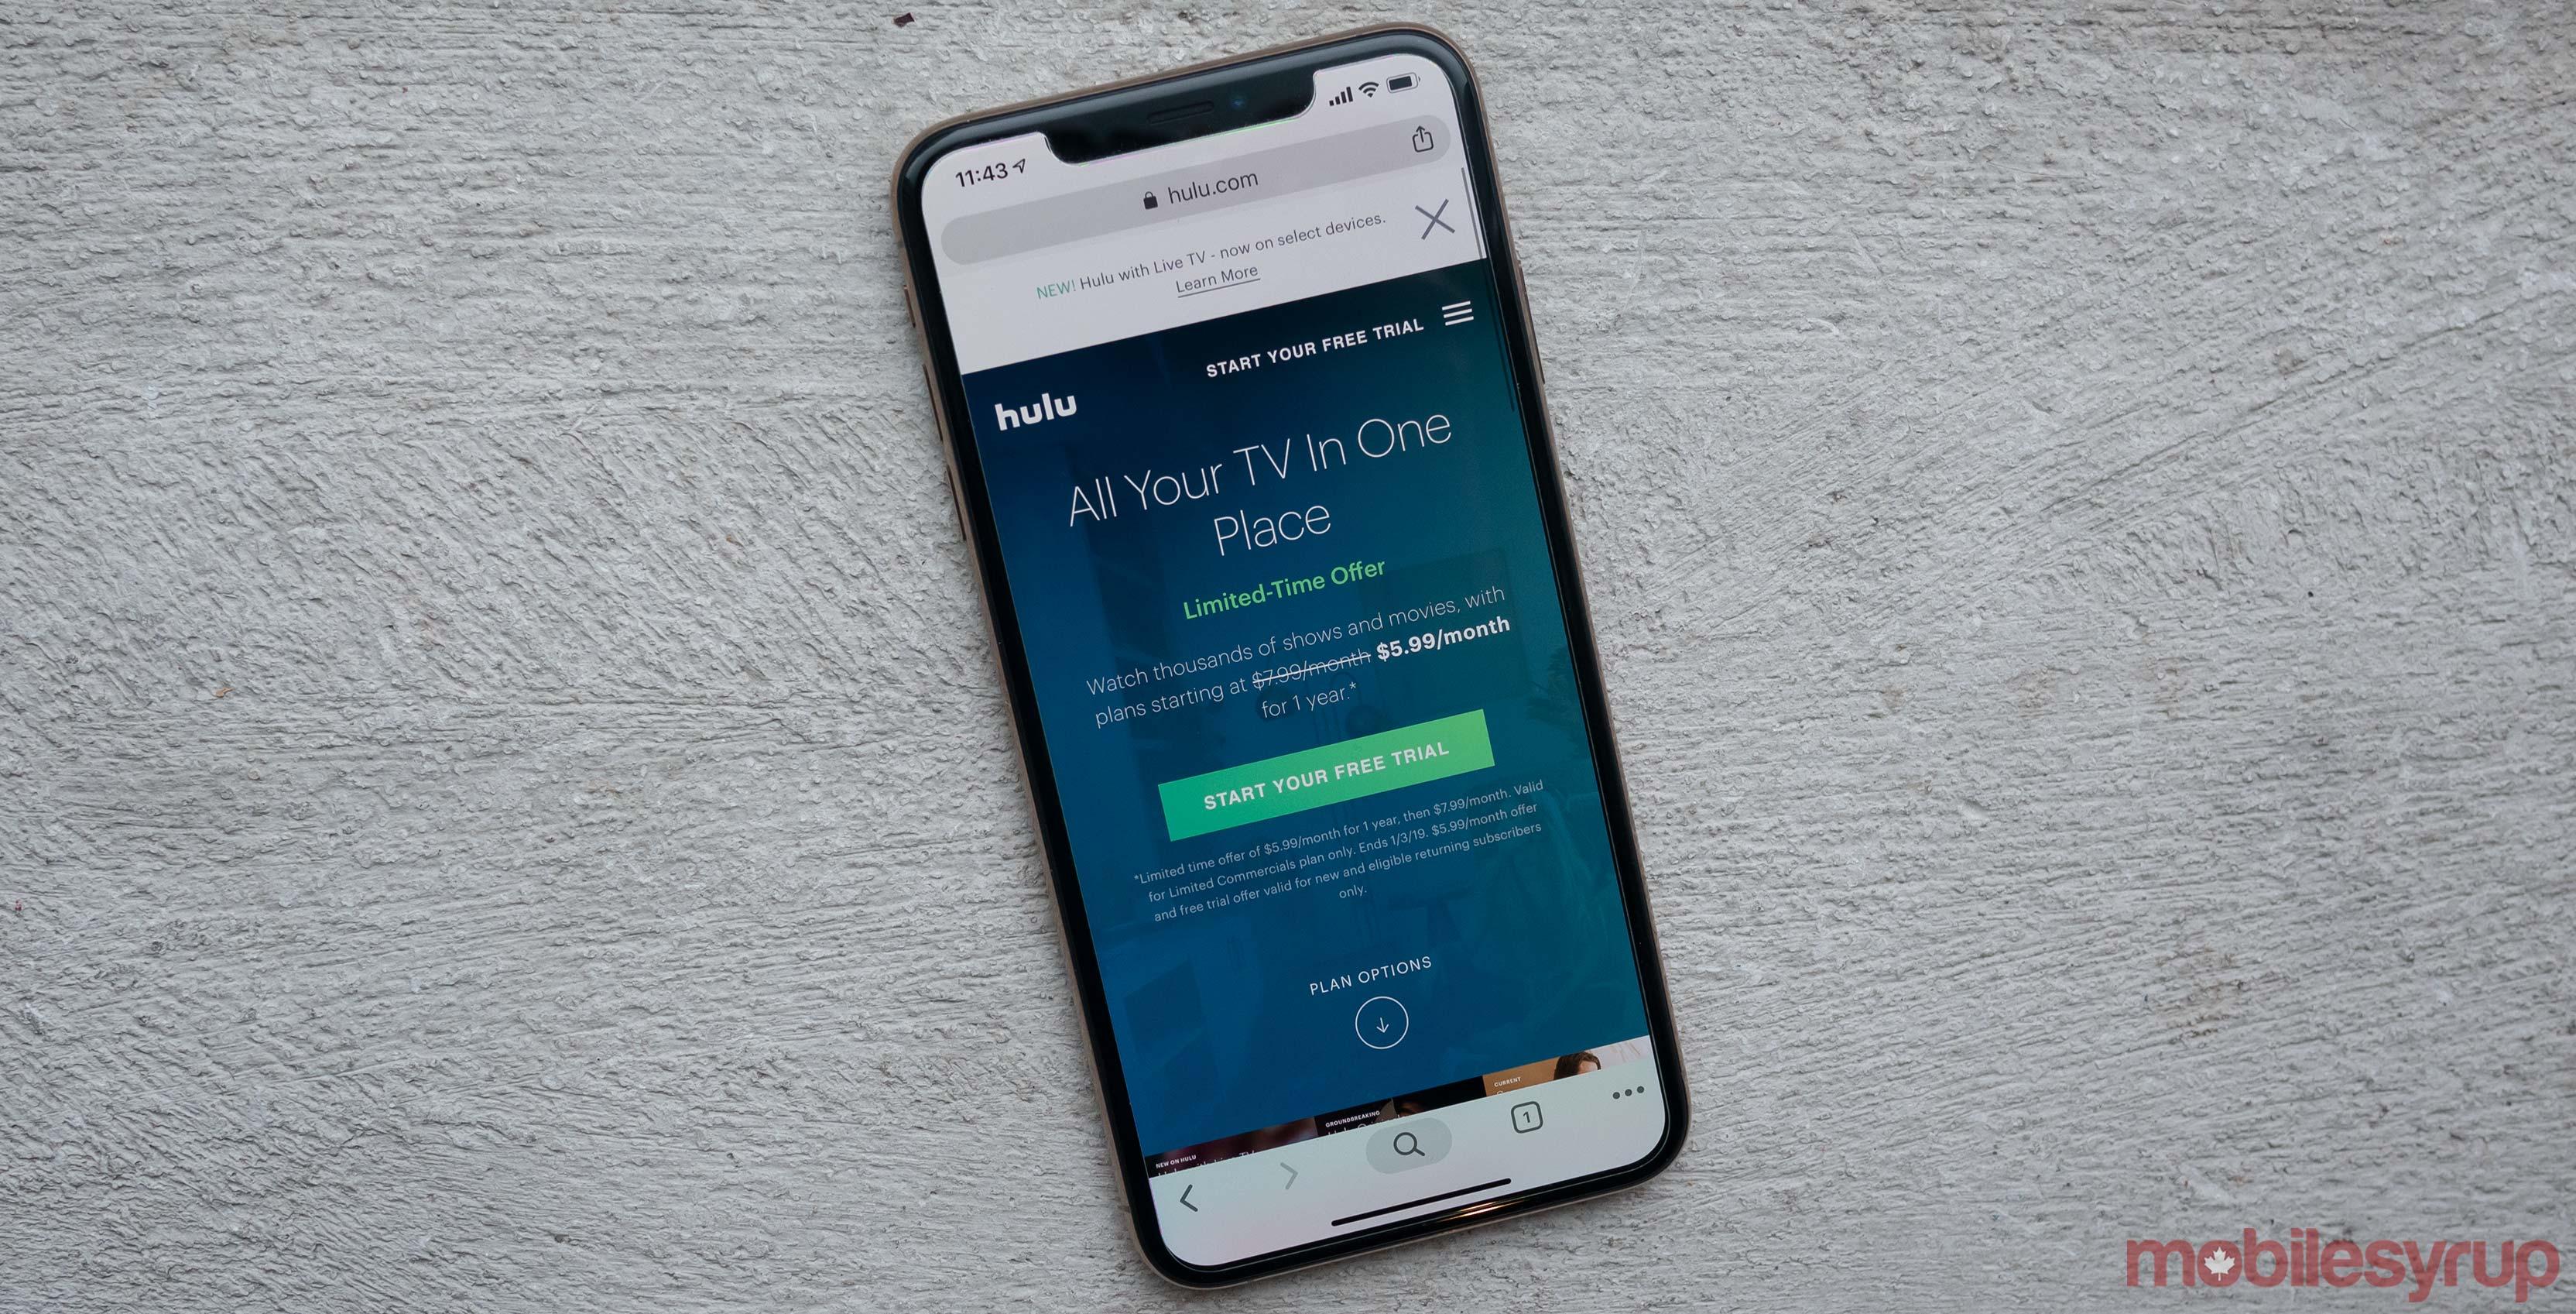 Hulu on the iPhone XS